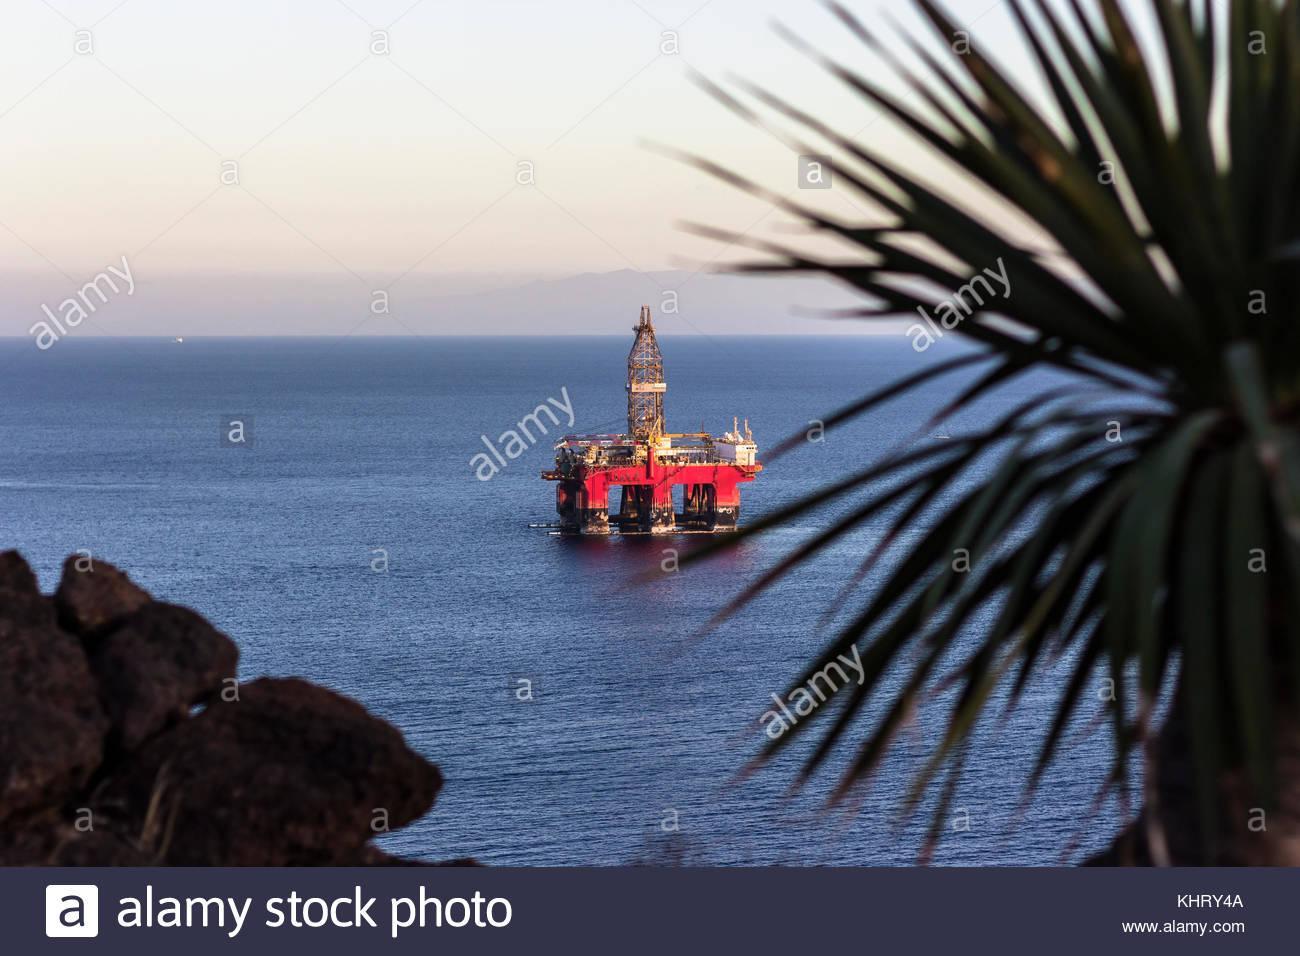 Una única plataforma petrolífera rojo está en el medio del océano ...